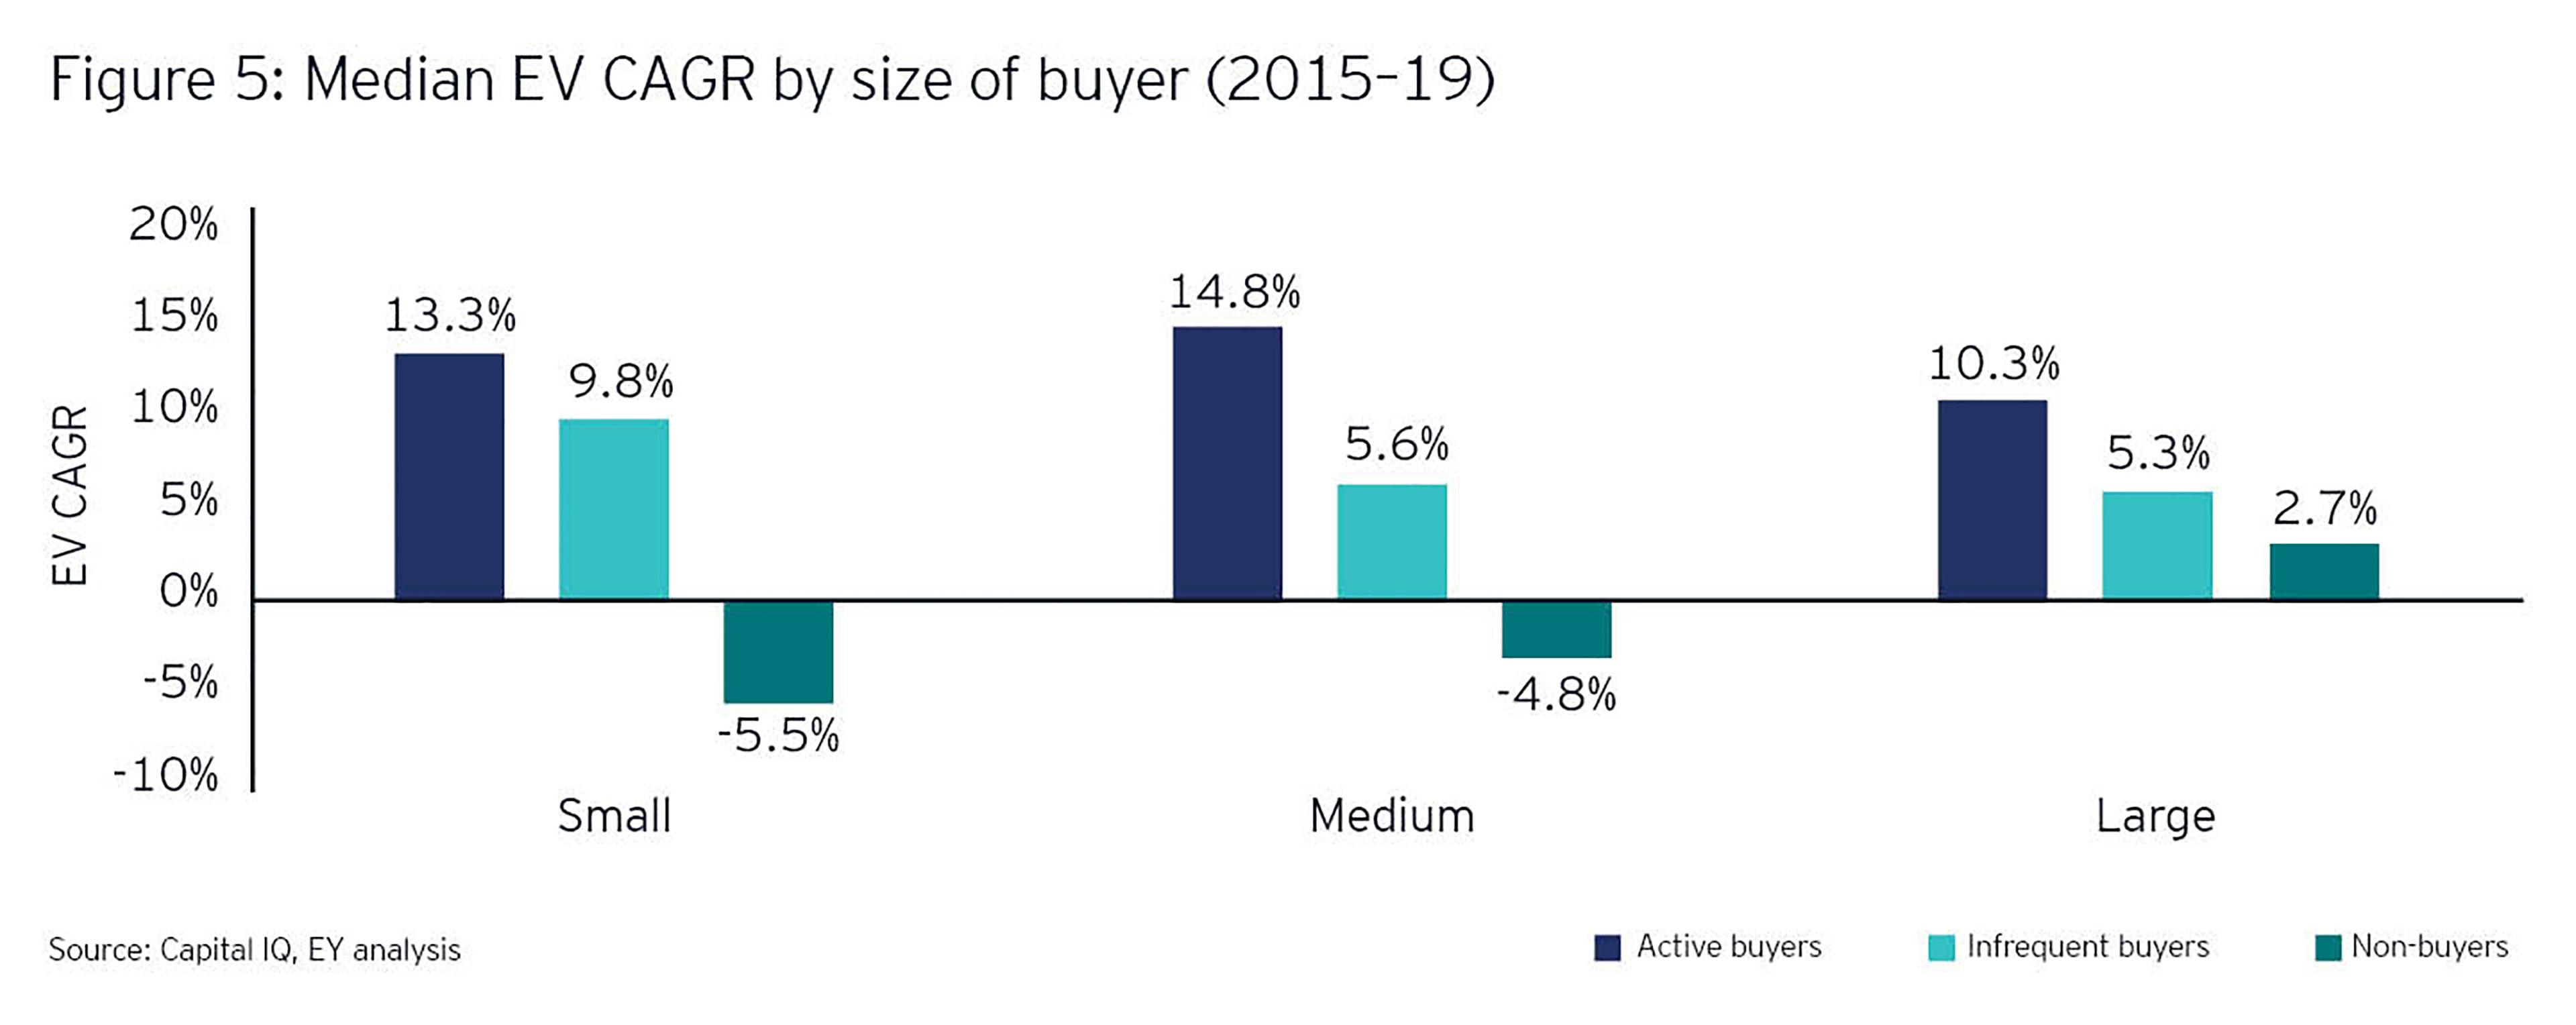 Median EV CAGR by size of buyer